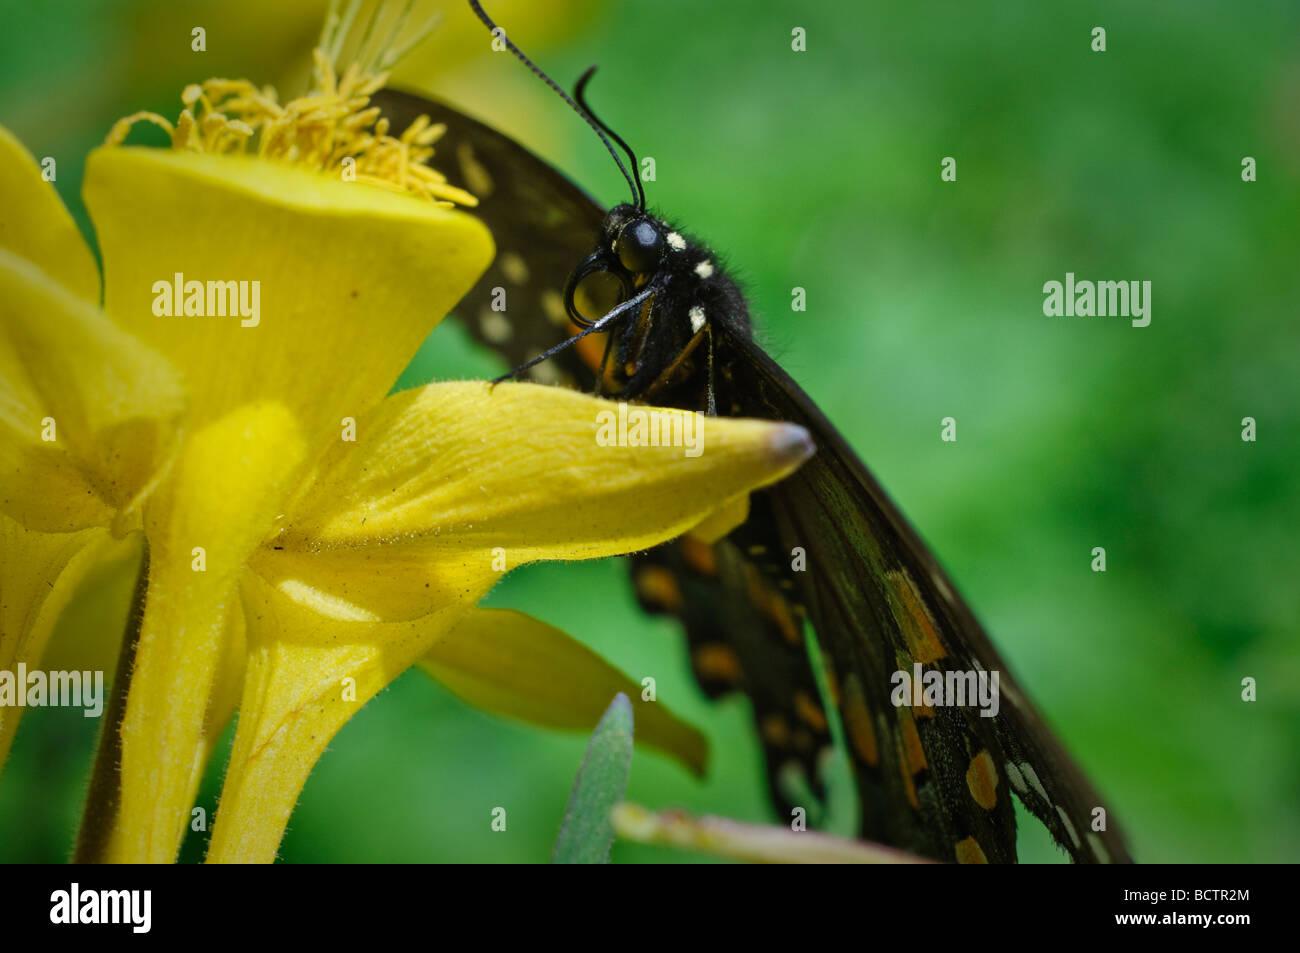 Especie Spicebush descansa sobre una mariposa amarilla flor columbine Foto de stock